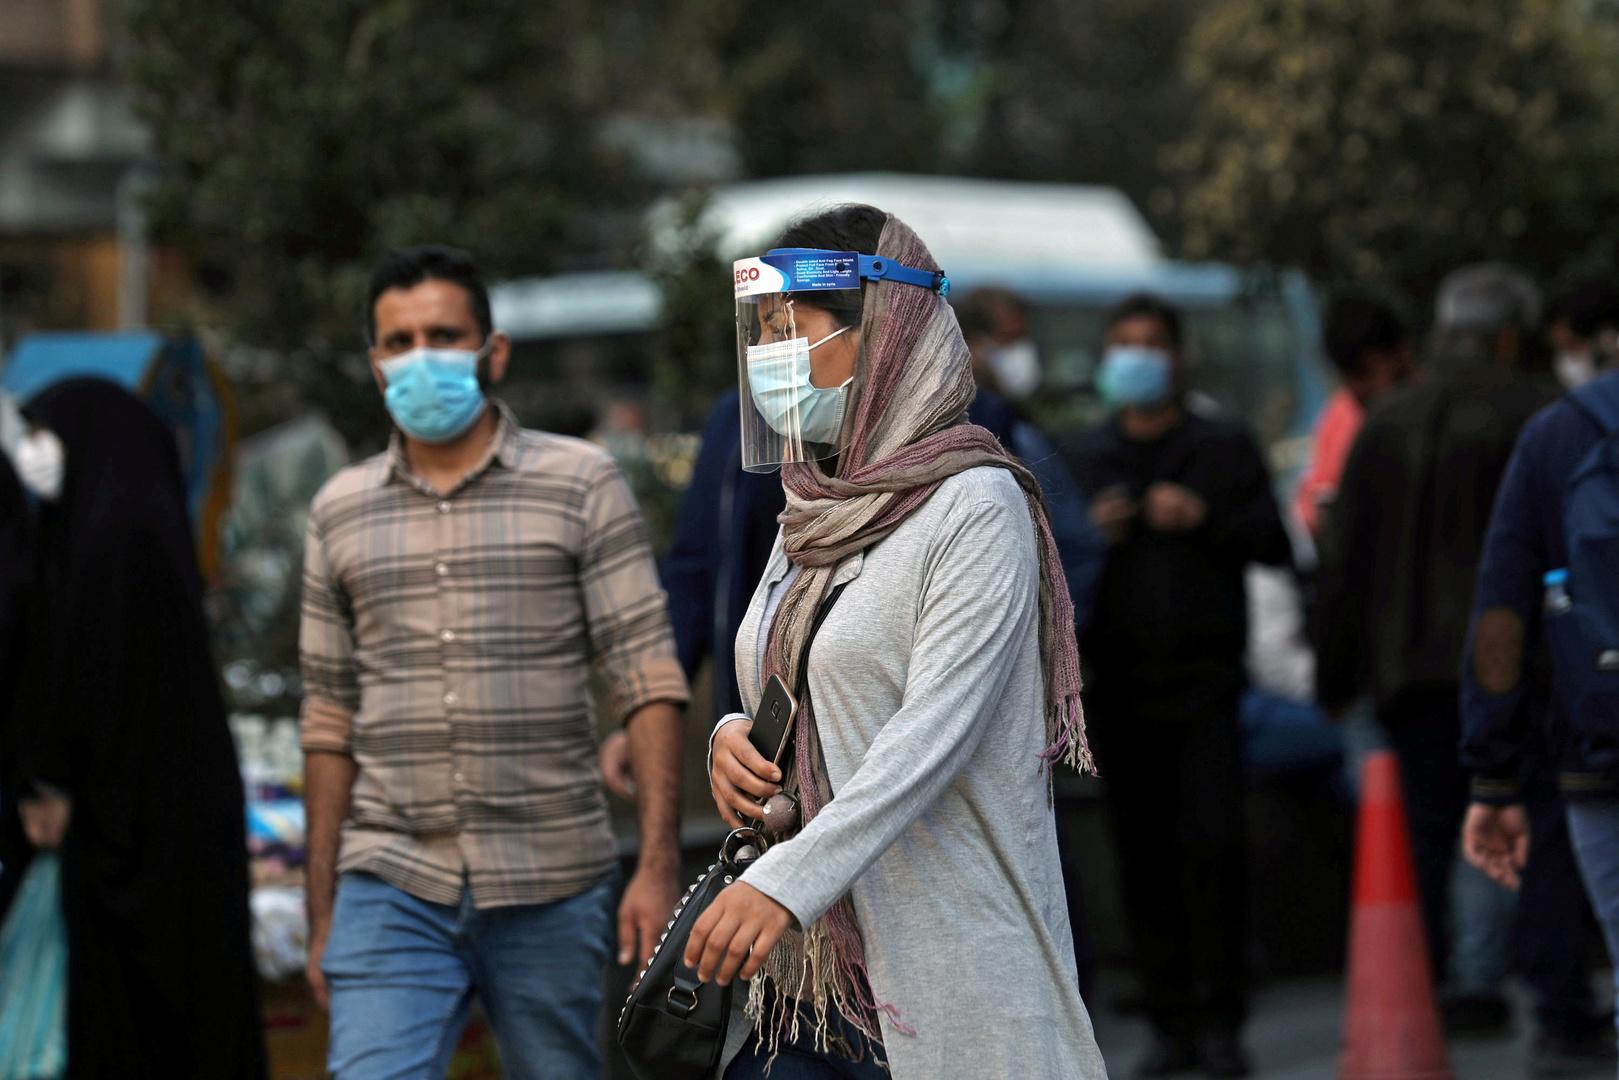 إيران تبدأ خطة الإغلاق الشامل وسط ارتفاع قياسي بالإصابات بكورونا